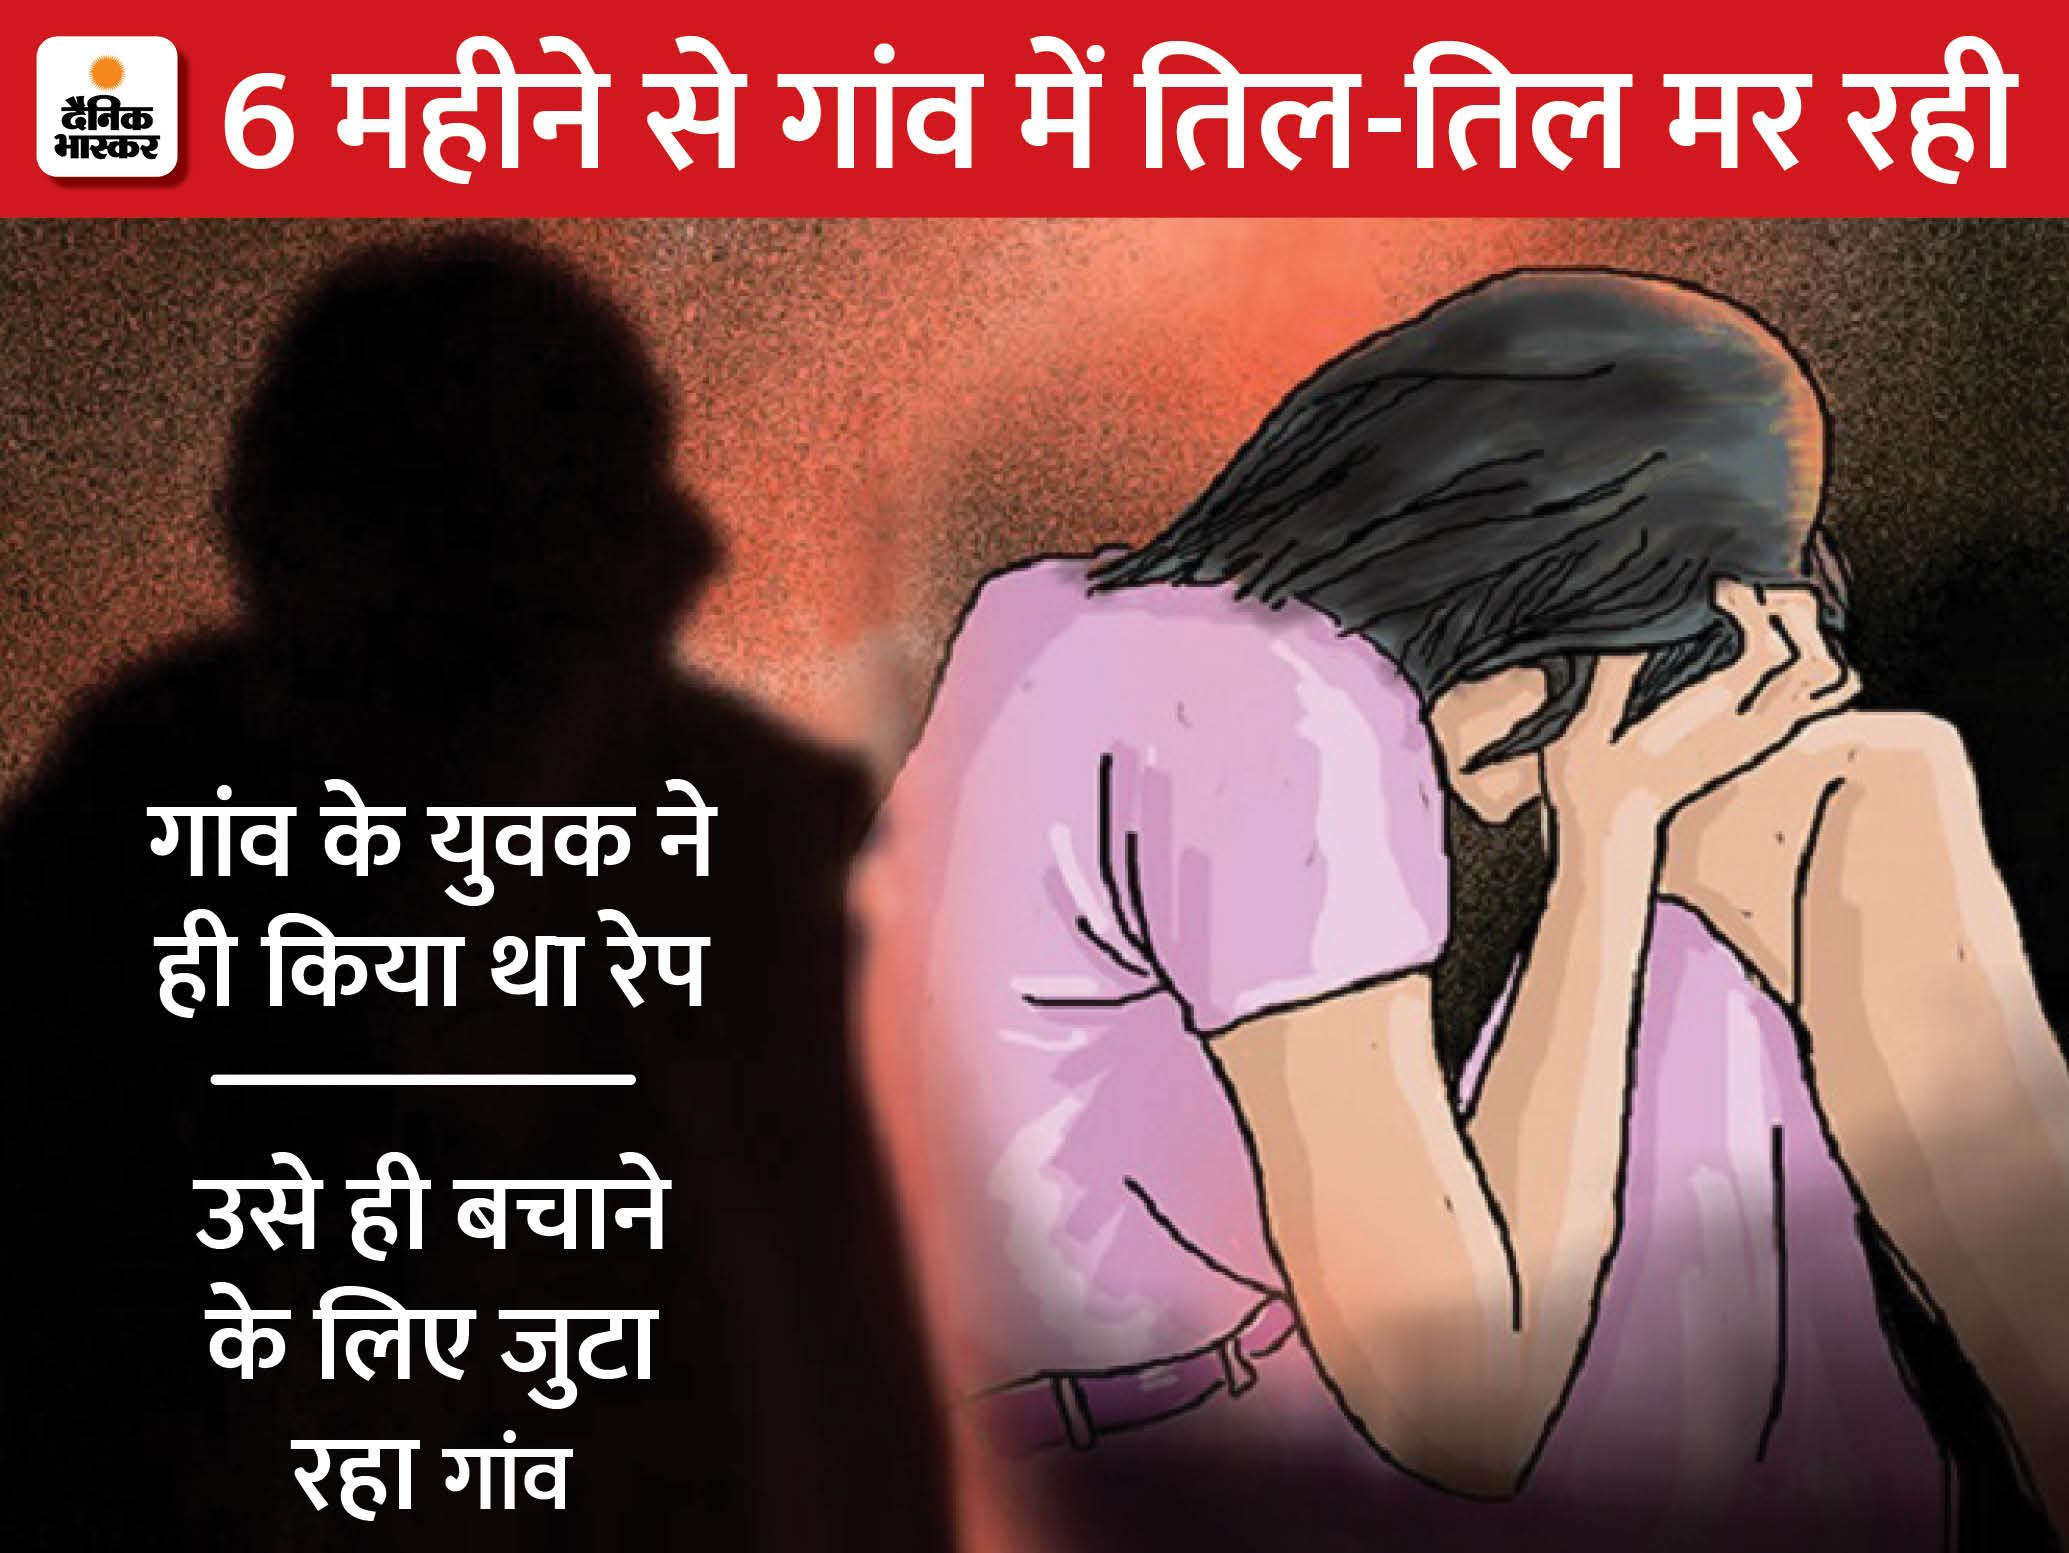 दरभंगा में पंचायत दे रही थी केस उठाने का दबाव, जान की धमकी तक दी, जहर खाकर लड़की गंभीर|बिहार,Bihar - Dainik Bhaskar